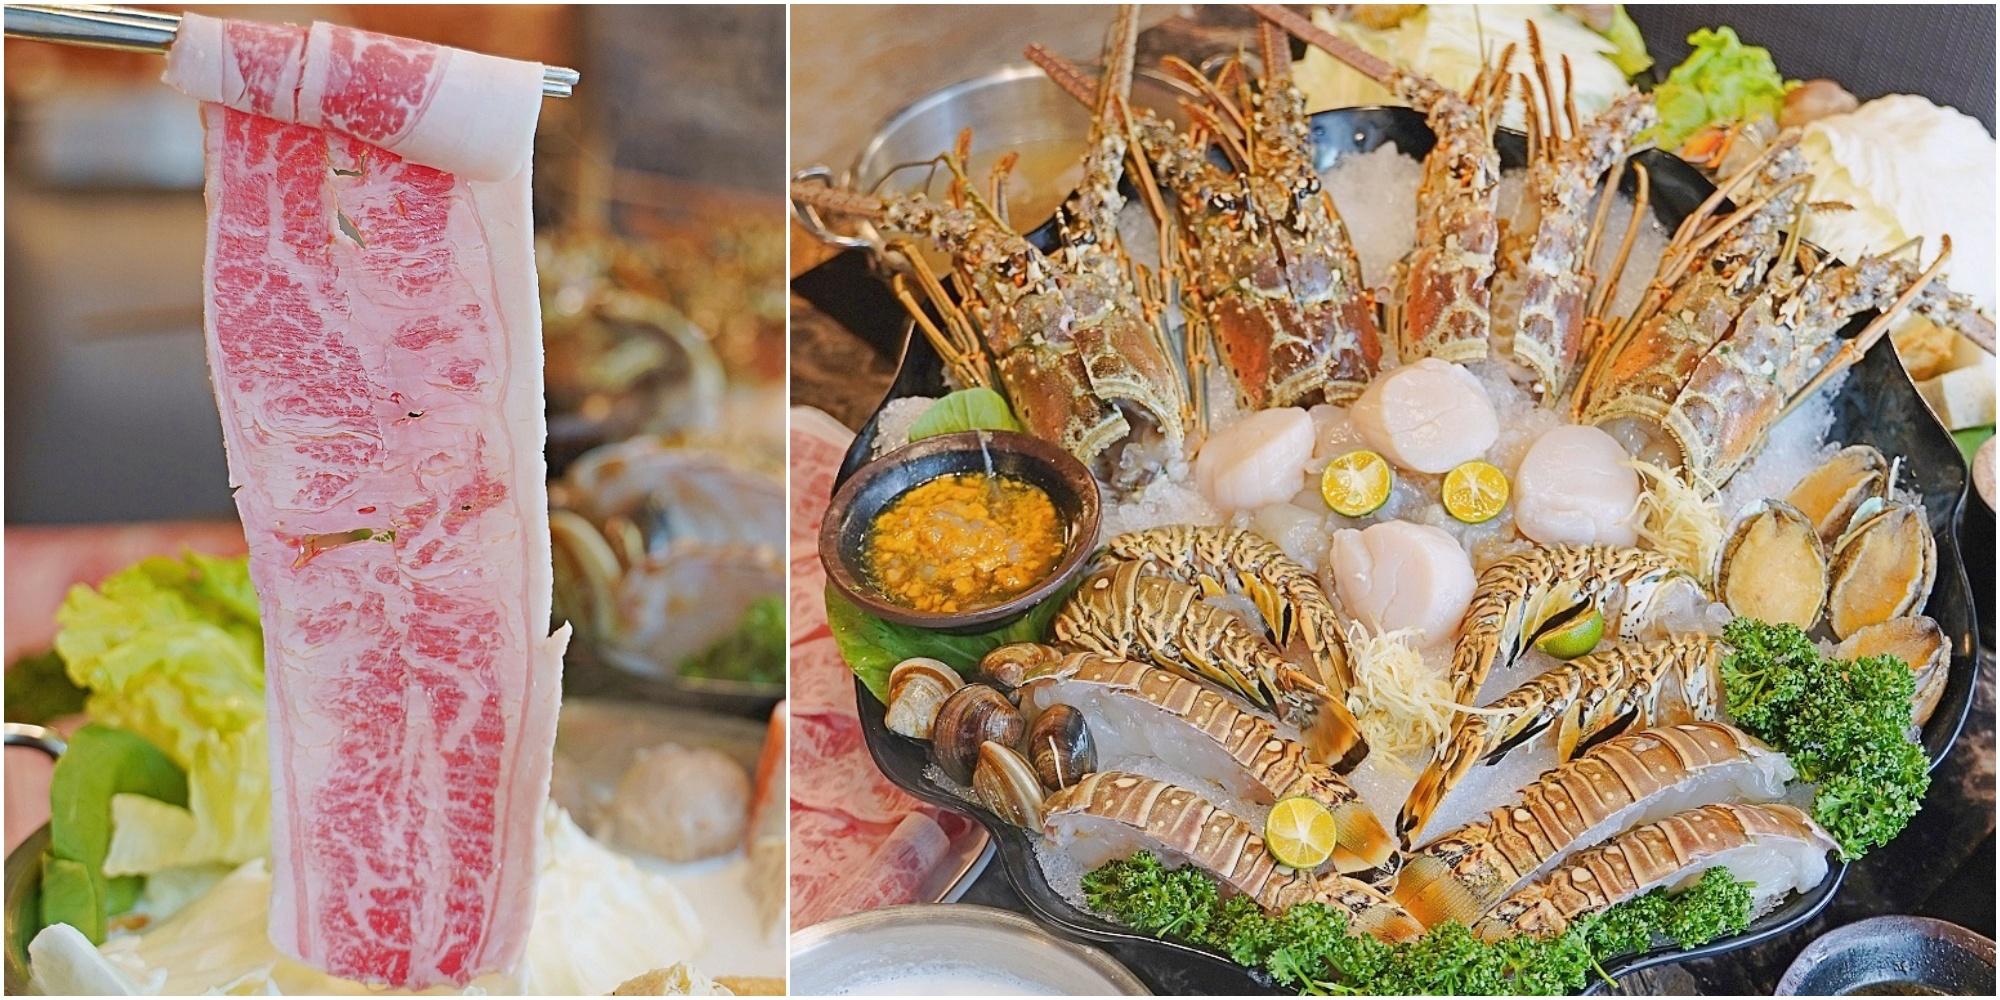 丰明殿圓山店|台北最強龍蝦痛風鍋|開店打卡霜降牛肉送你吃|火鍋屆頂級大肉盤始祖(菜單、價格)